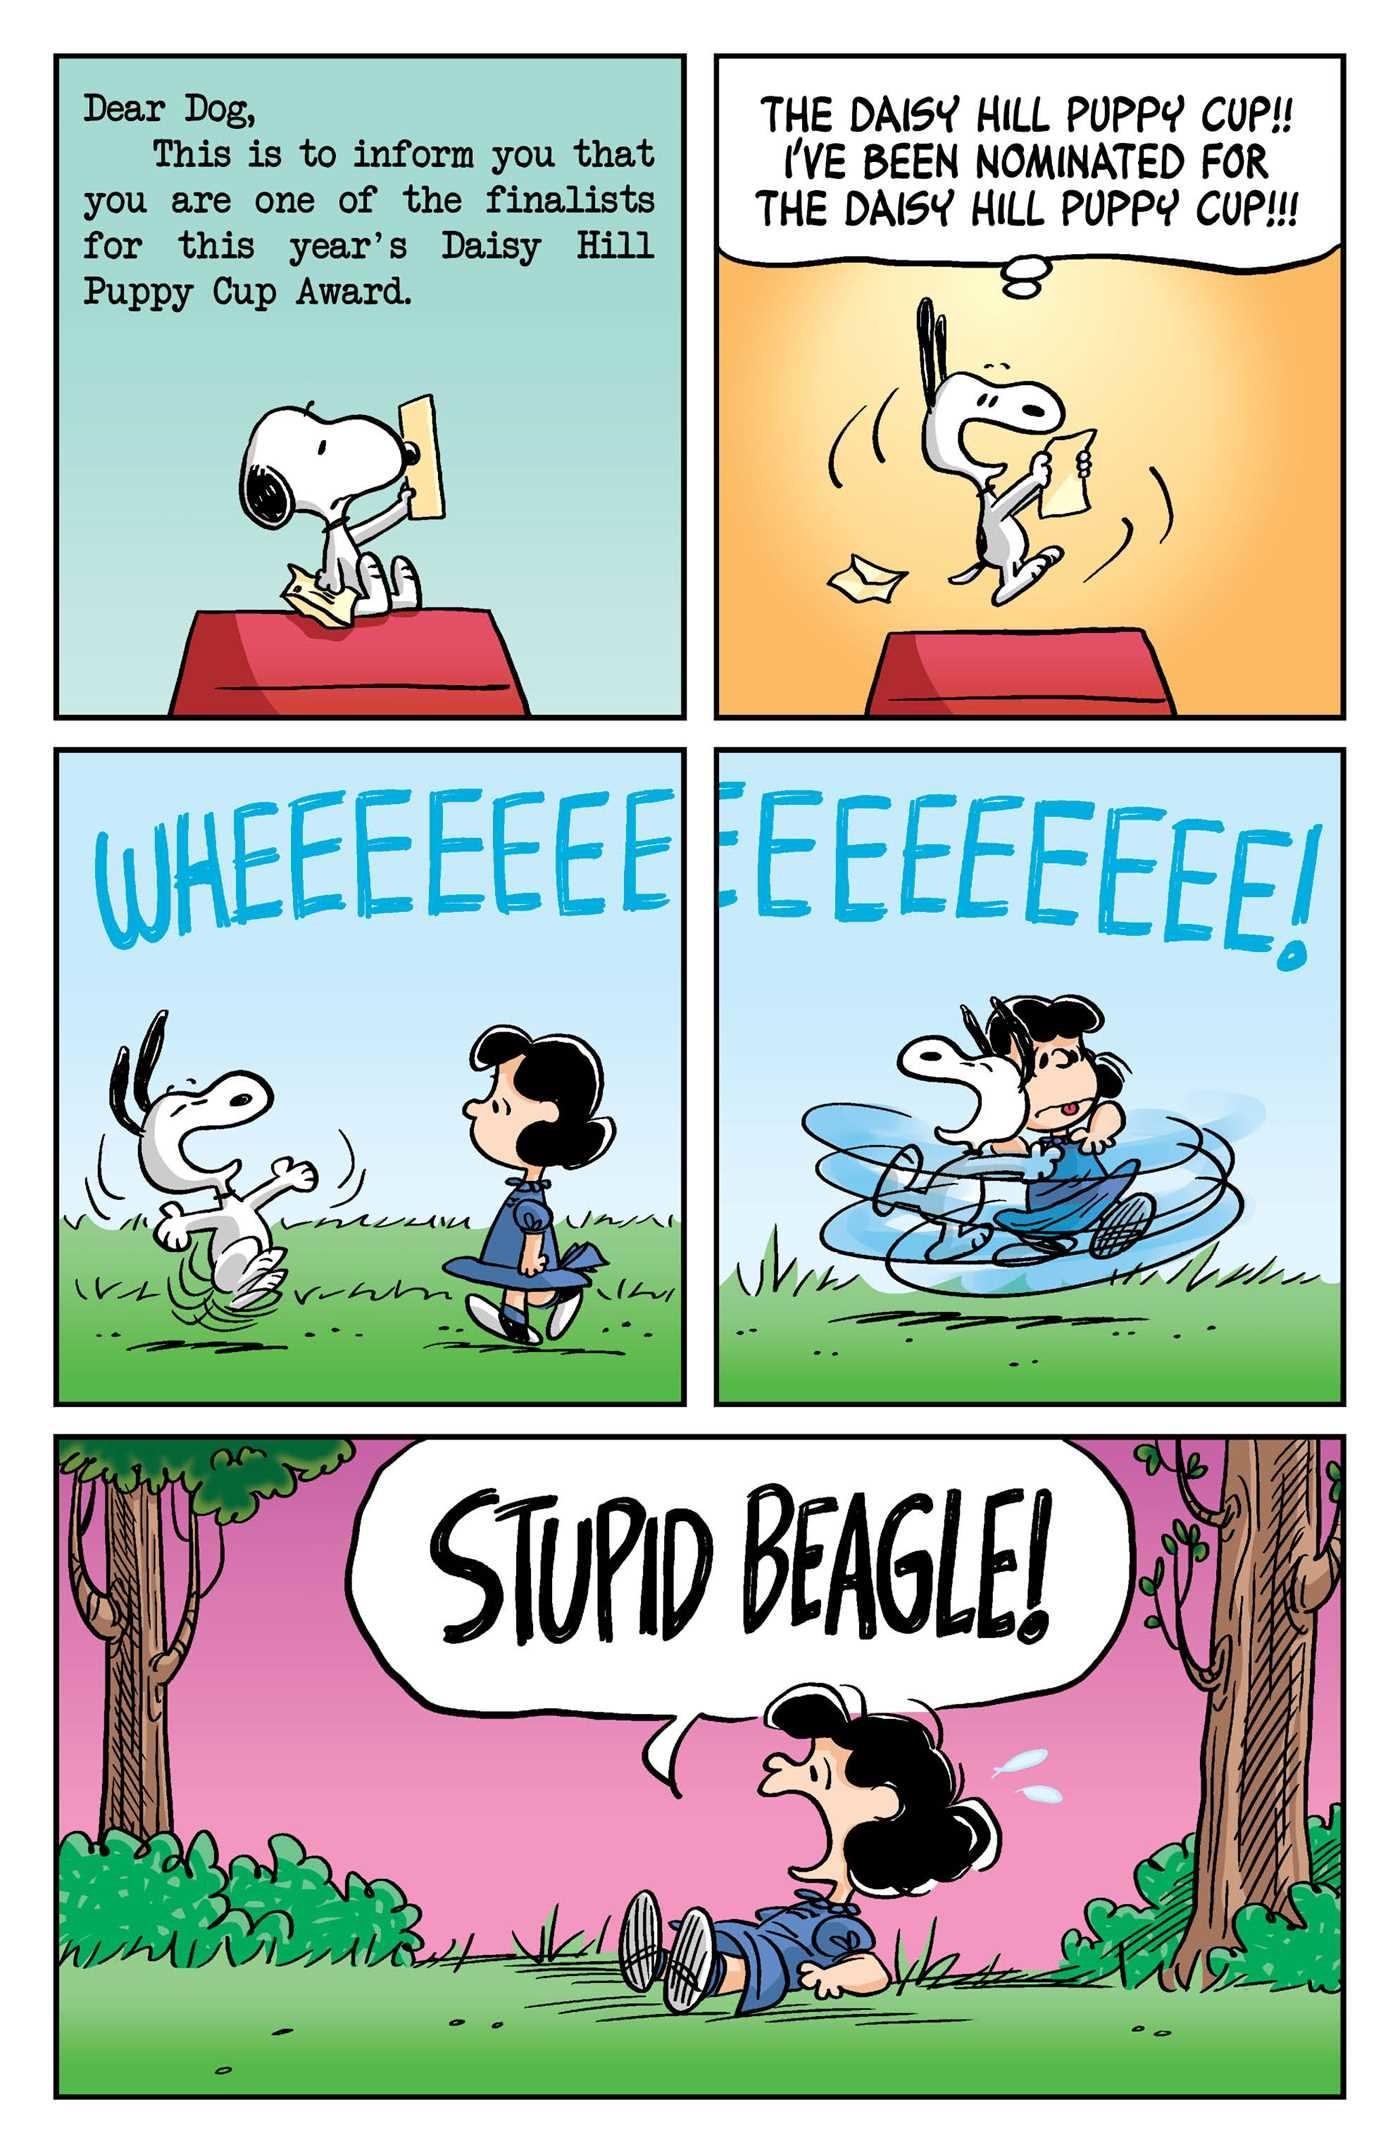 Peanuts vol 10 9781684152209.in02